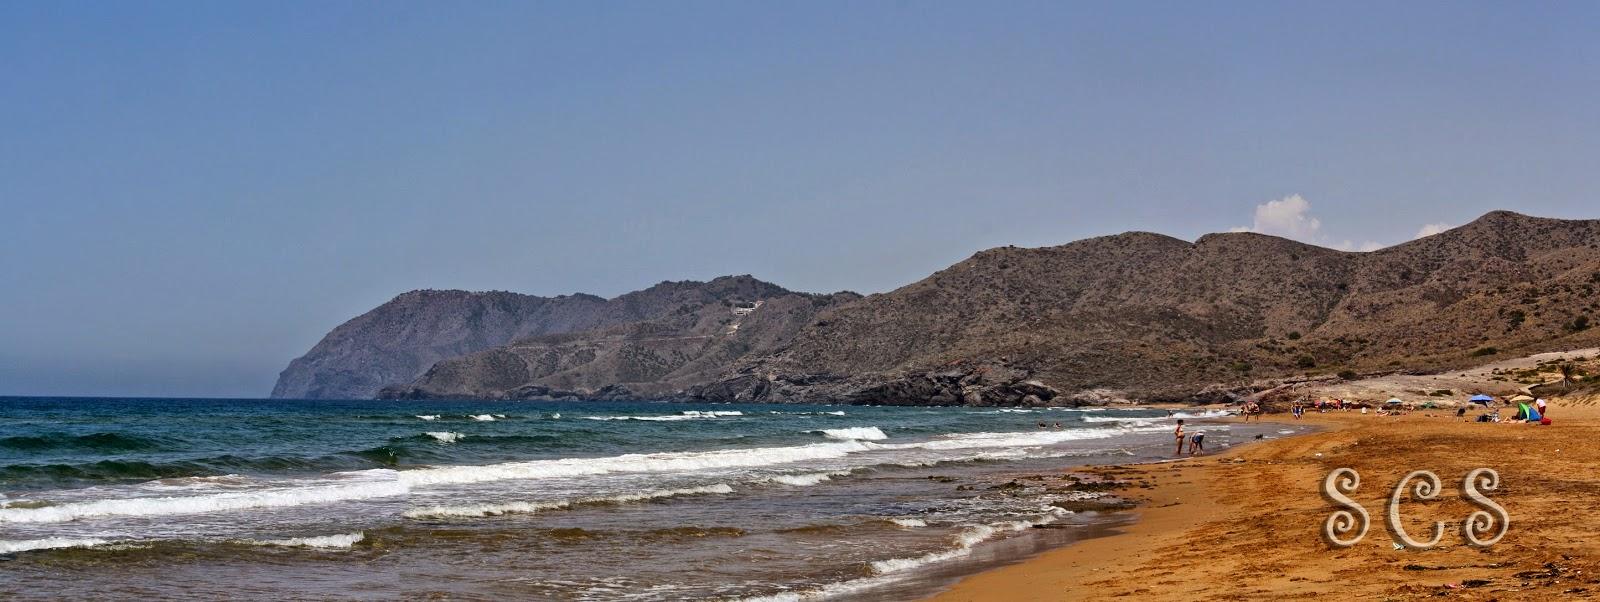 Vistas desde Playa Larga a Playa Negrete en Calblanque (Murcia)